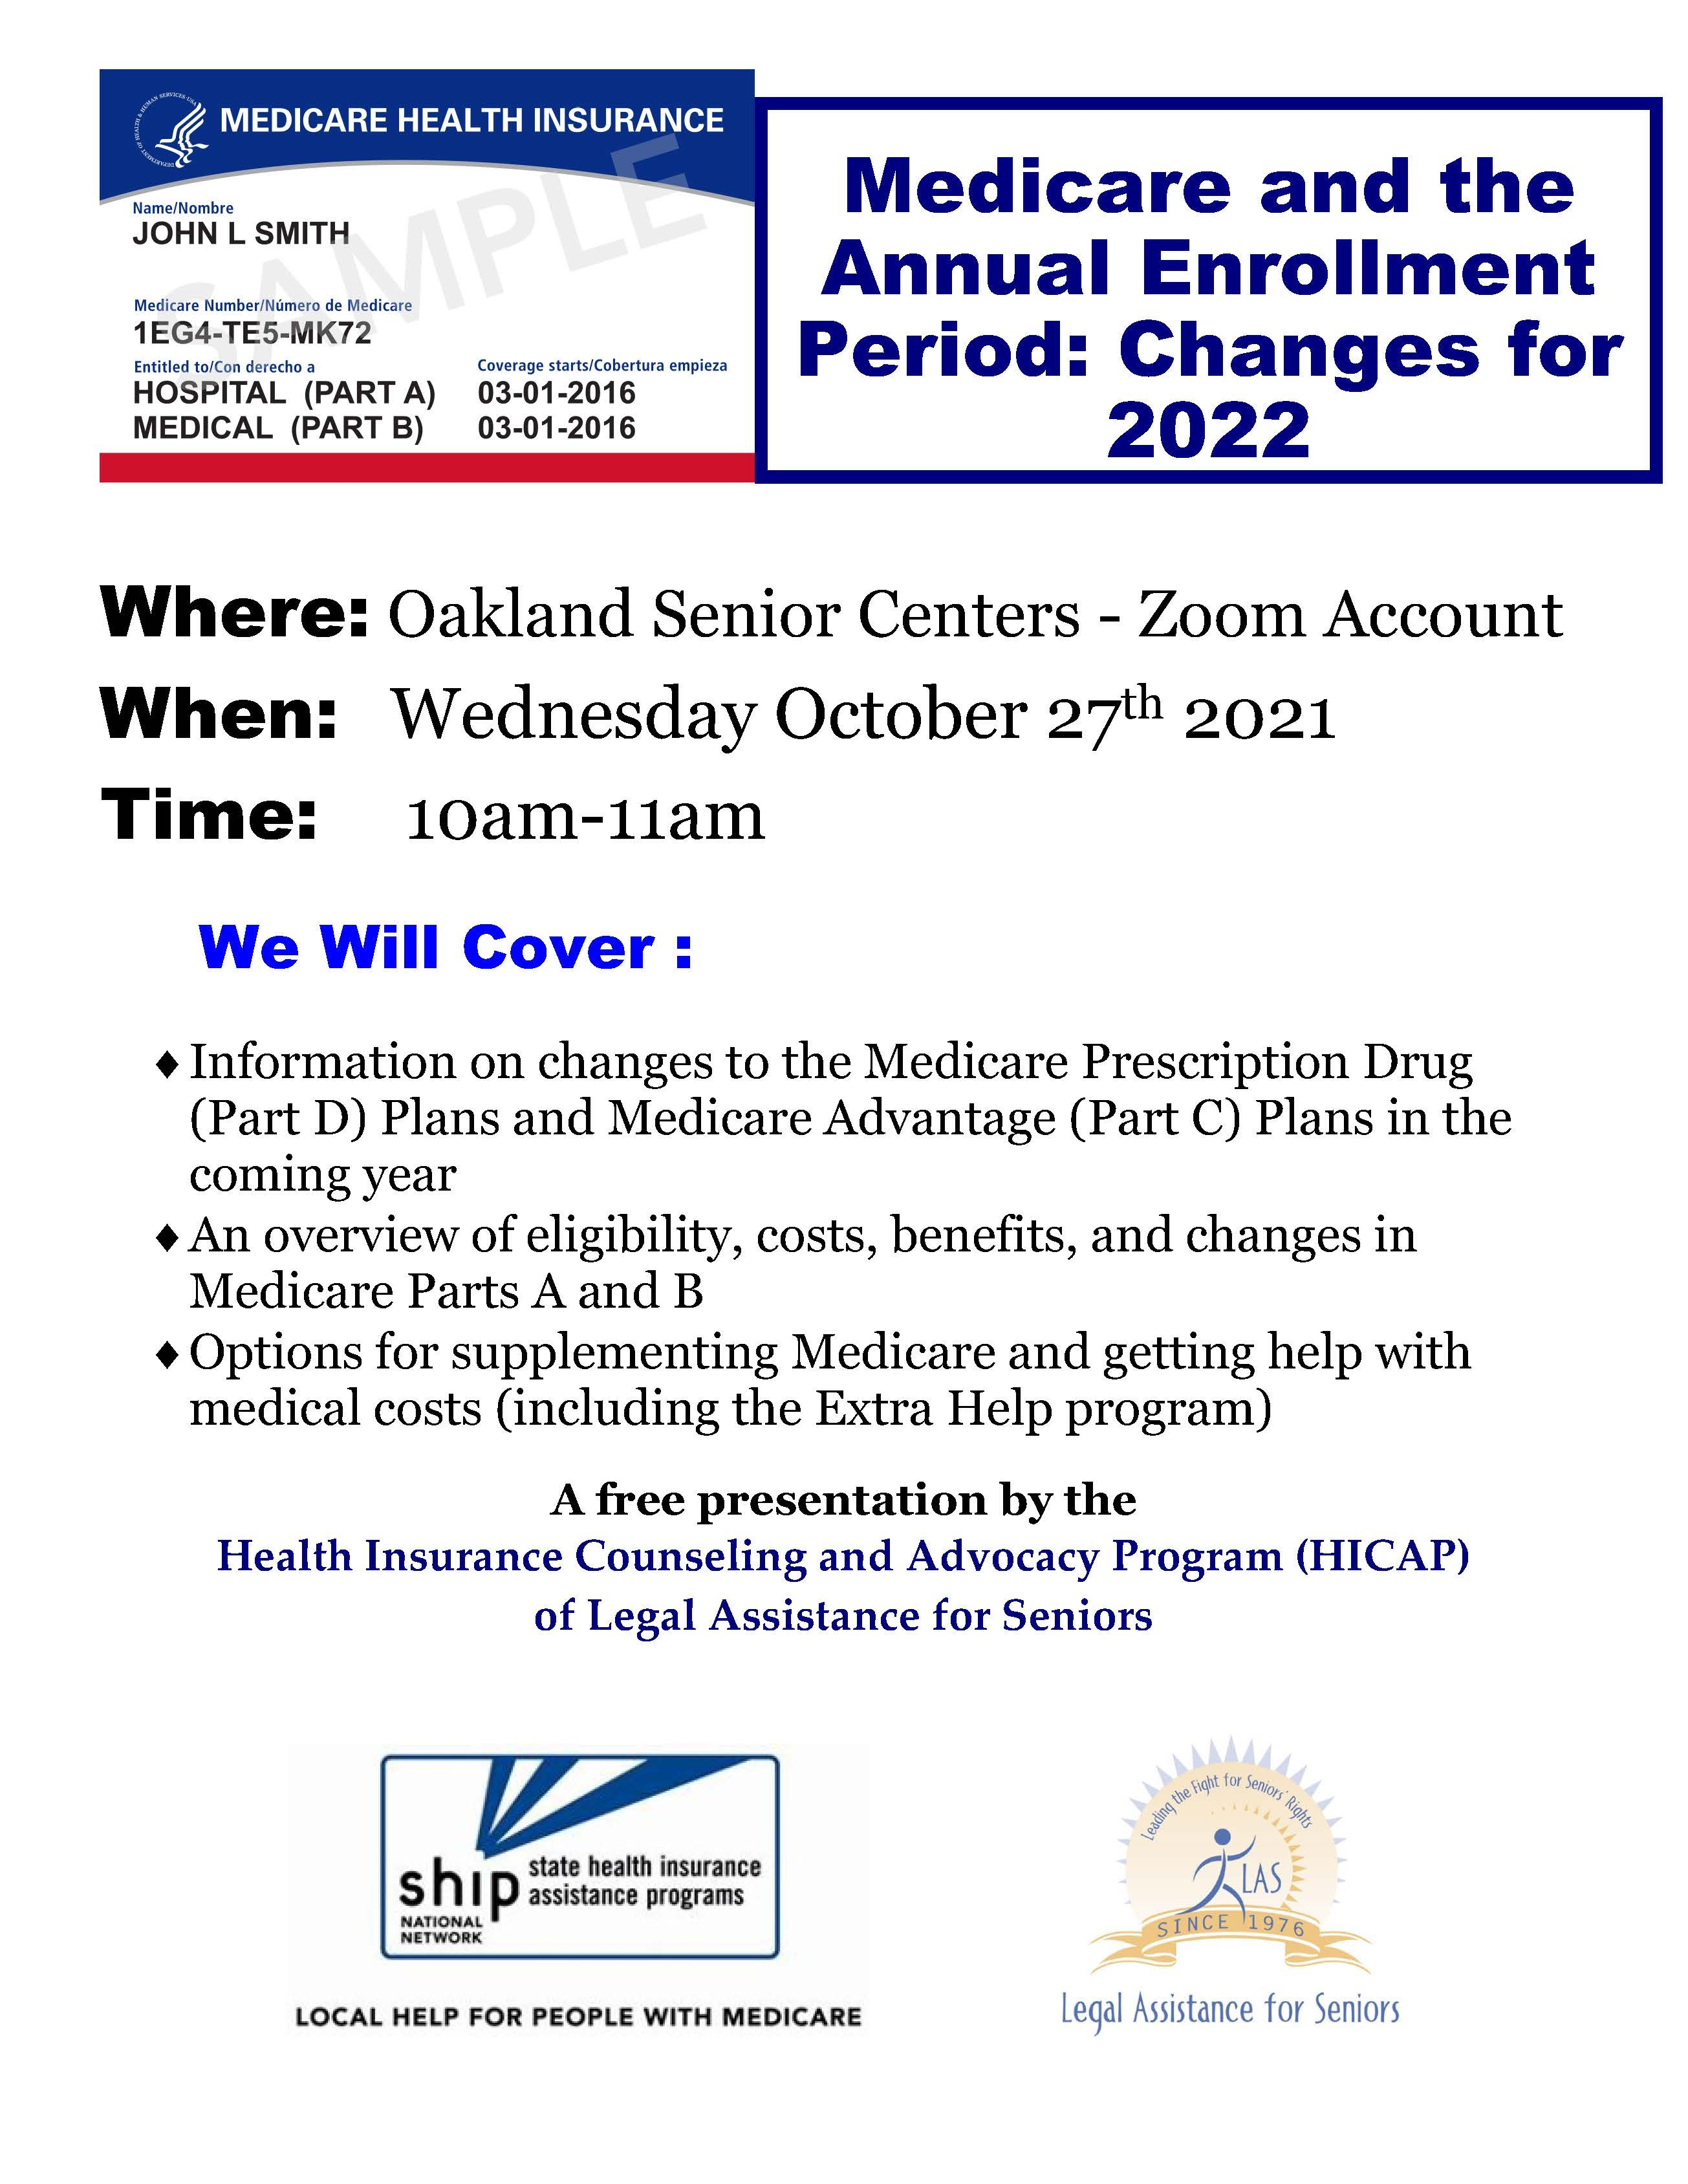 Medicare Annual Enrollment Flyer